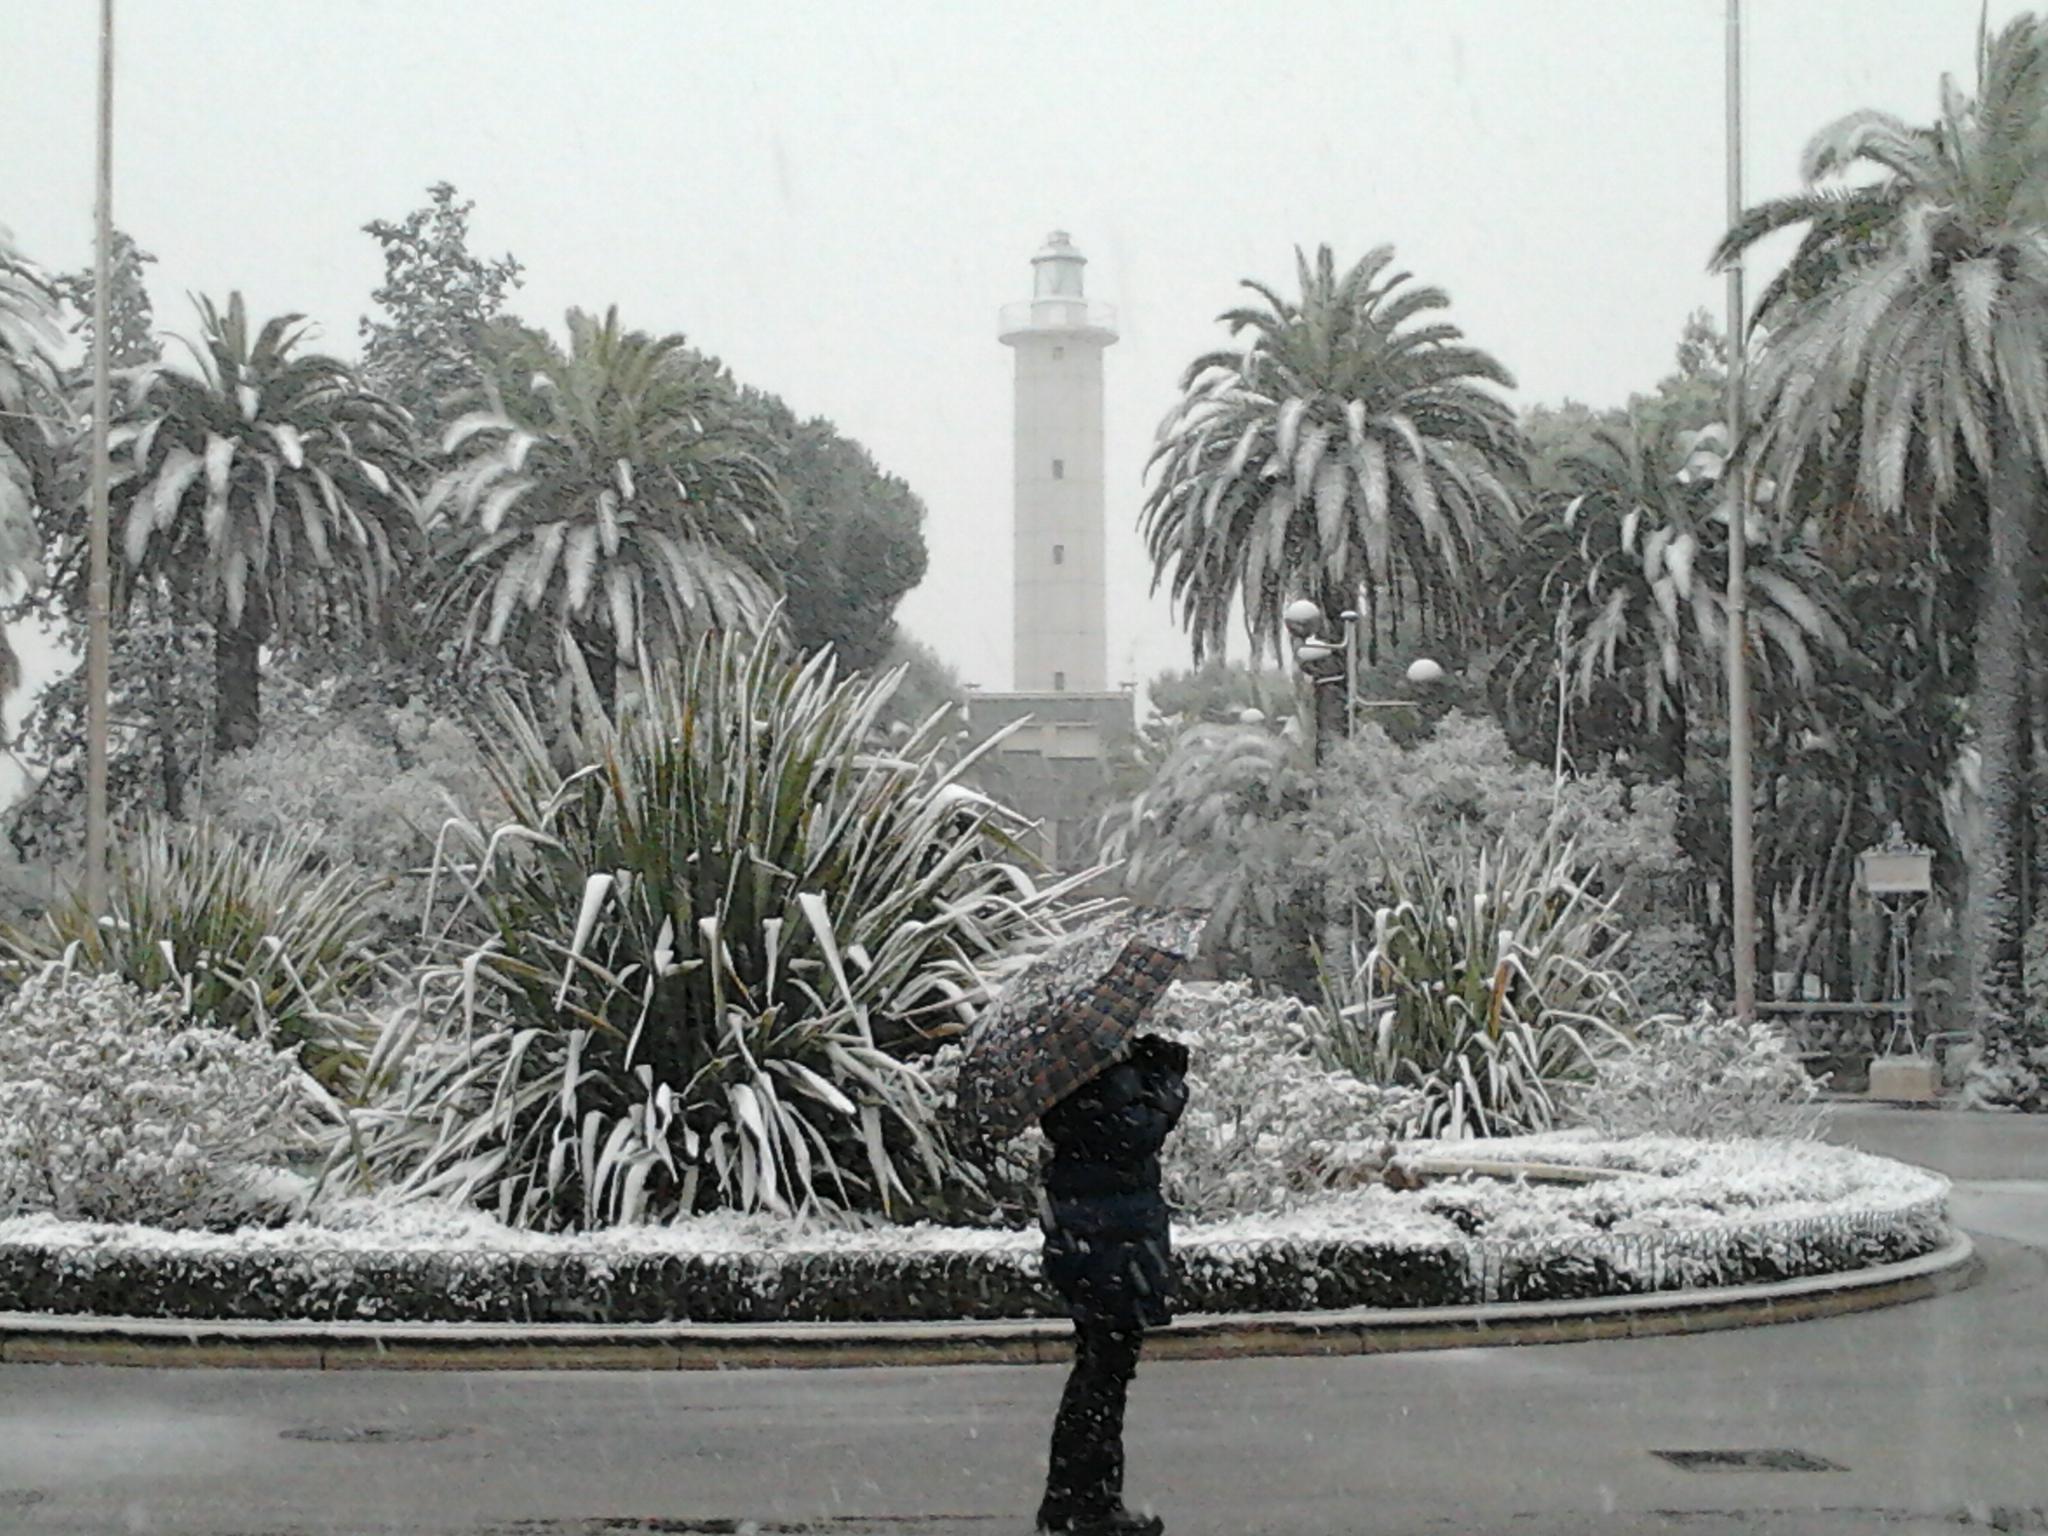 5 febbraio 2012, il faro di sbt e la neve. Foto di Fiorella Colletta